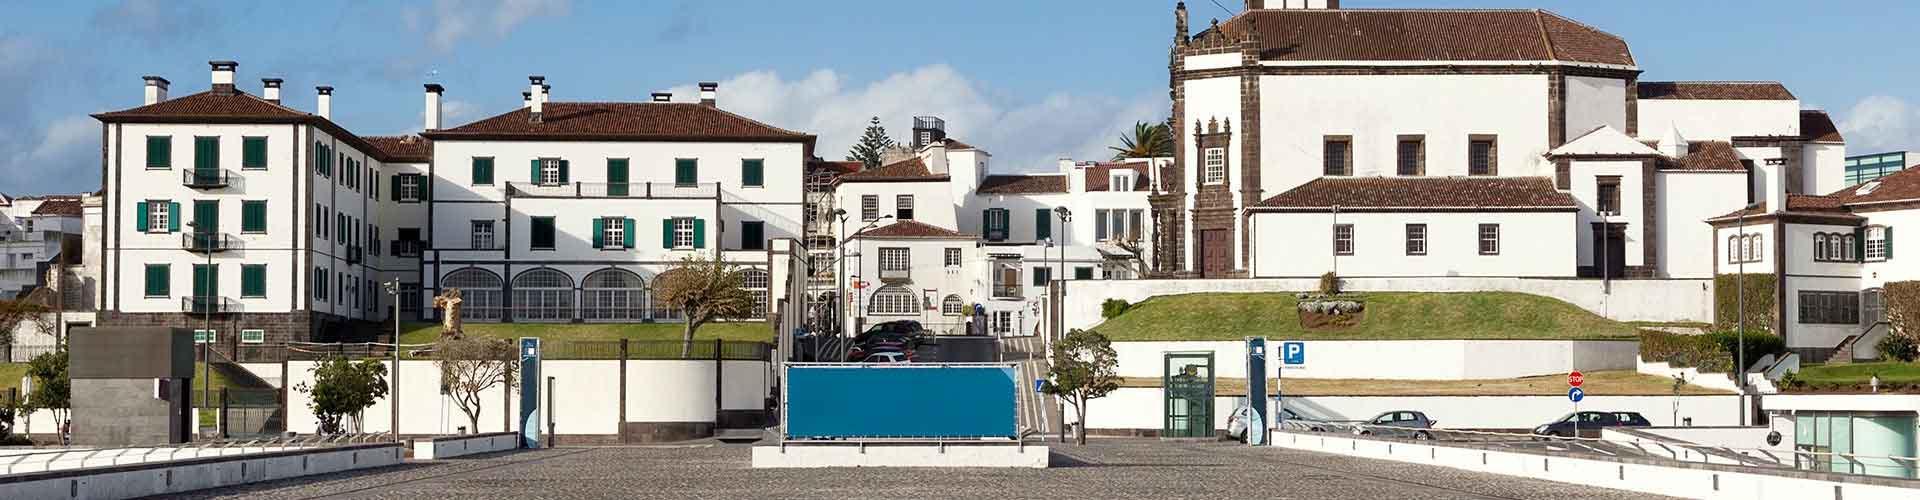 Ponta Delgada - Apartamentos en Ponta Delgada. Mapas de Ponta Delgada, Fotos y comentarios de cada Apartamento en Ponta Delgada.